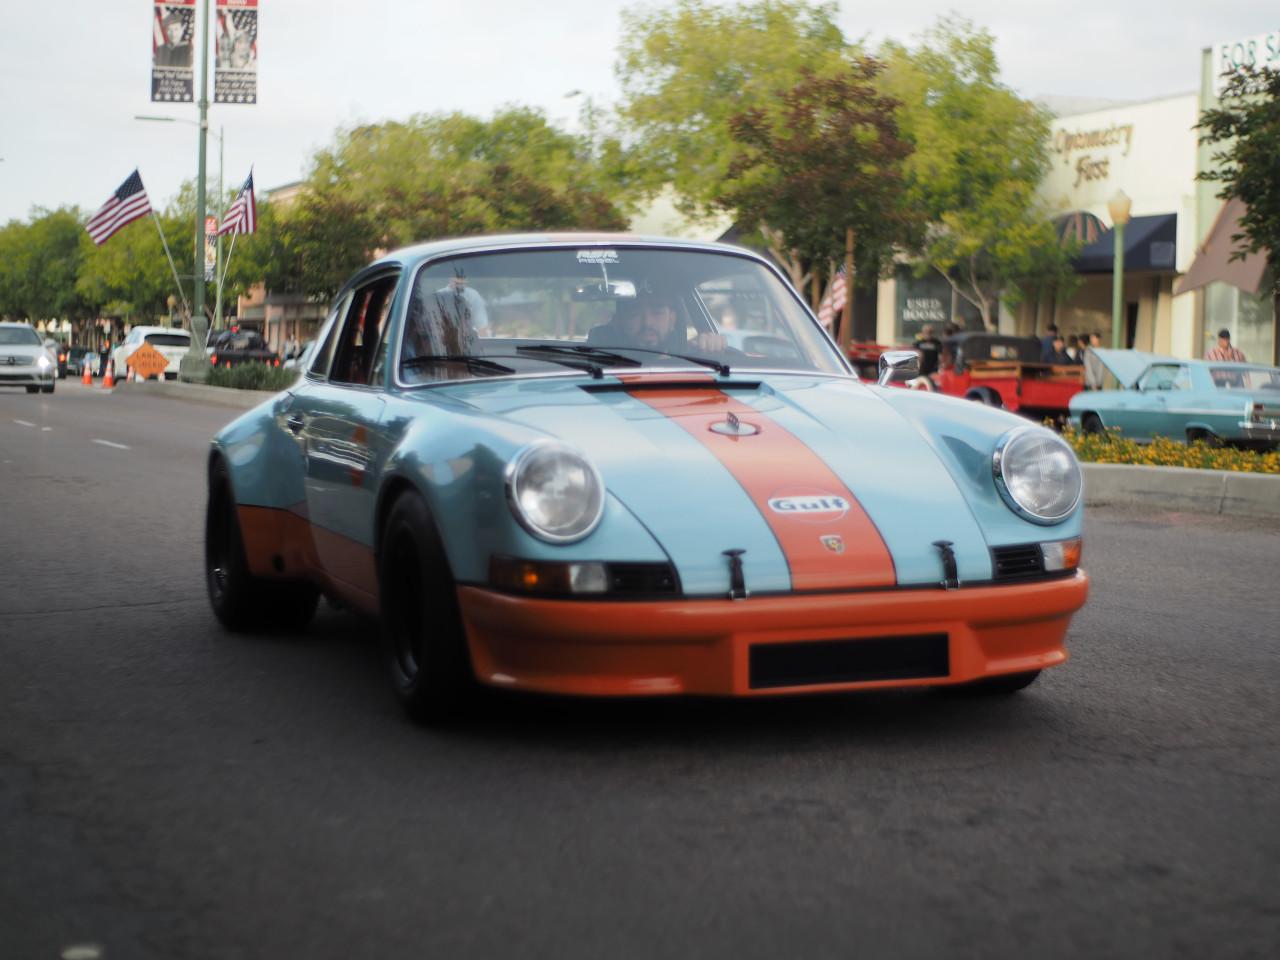 Porsche 911 #porsche#911#rsr#escondido#crusin grand